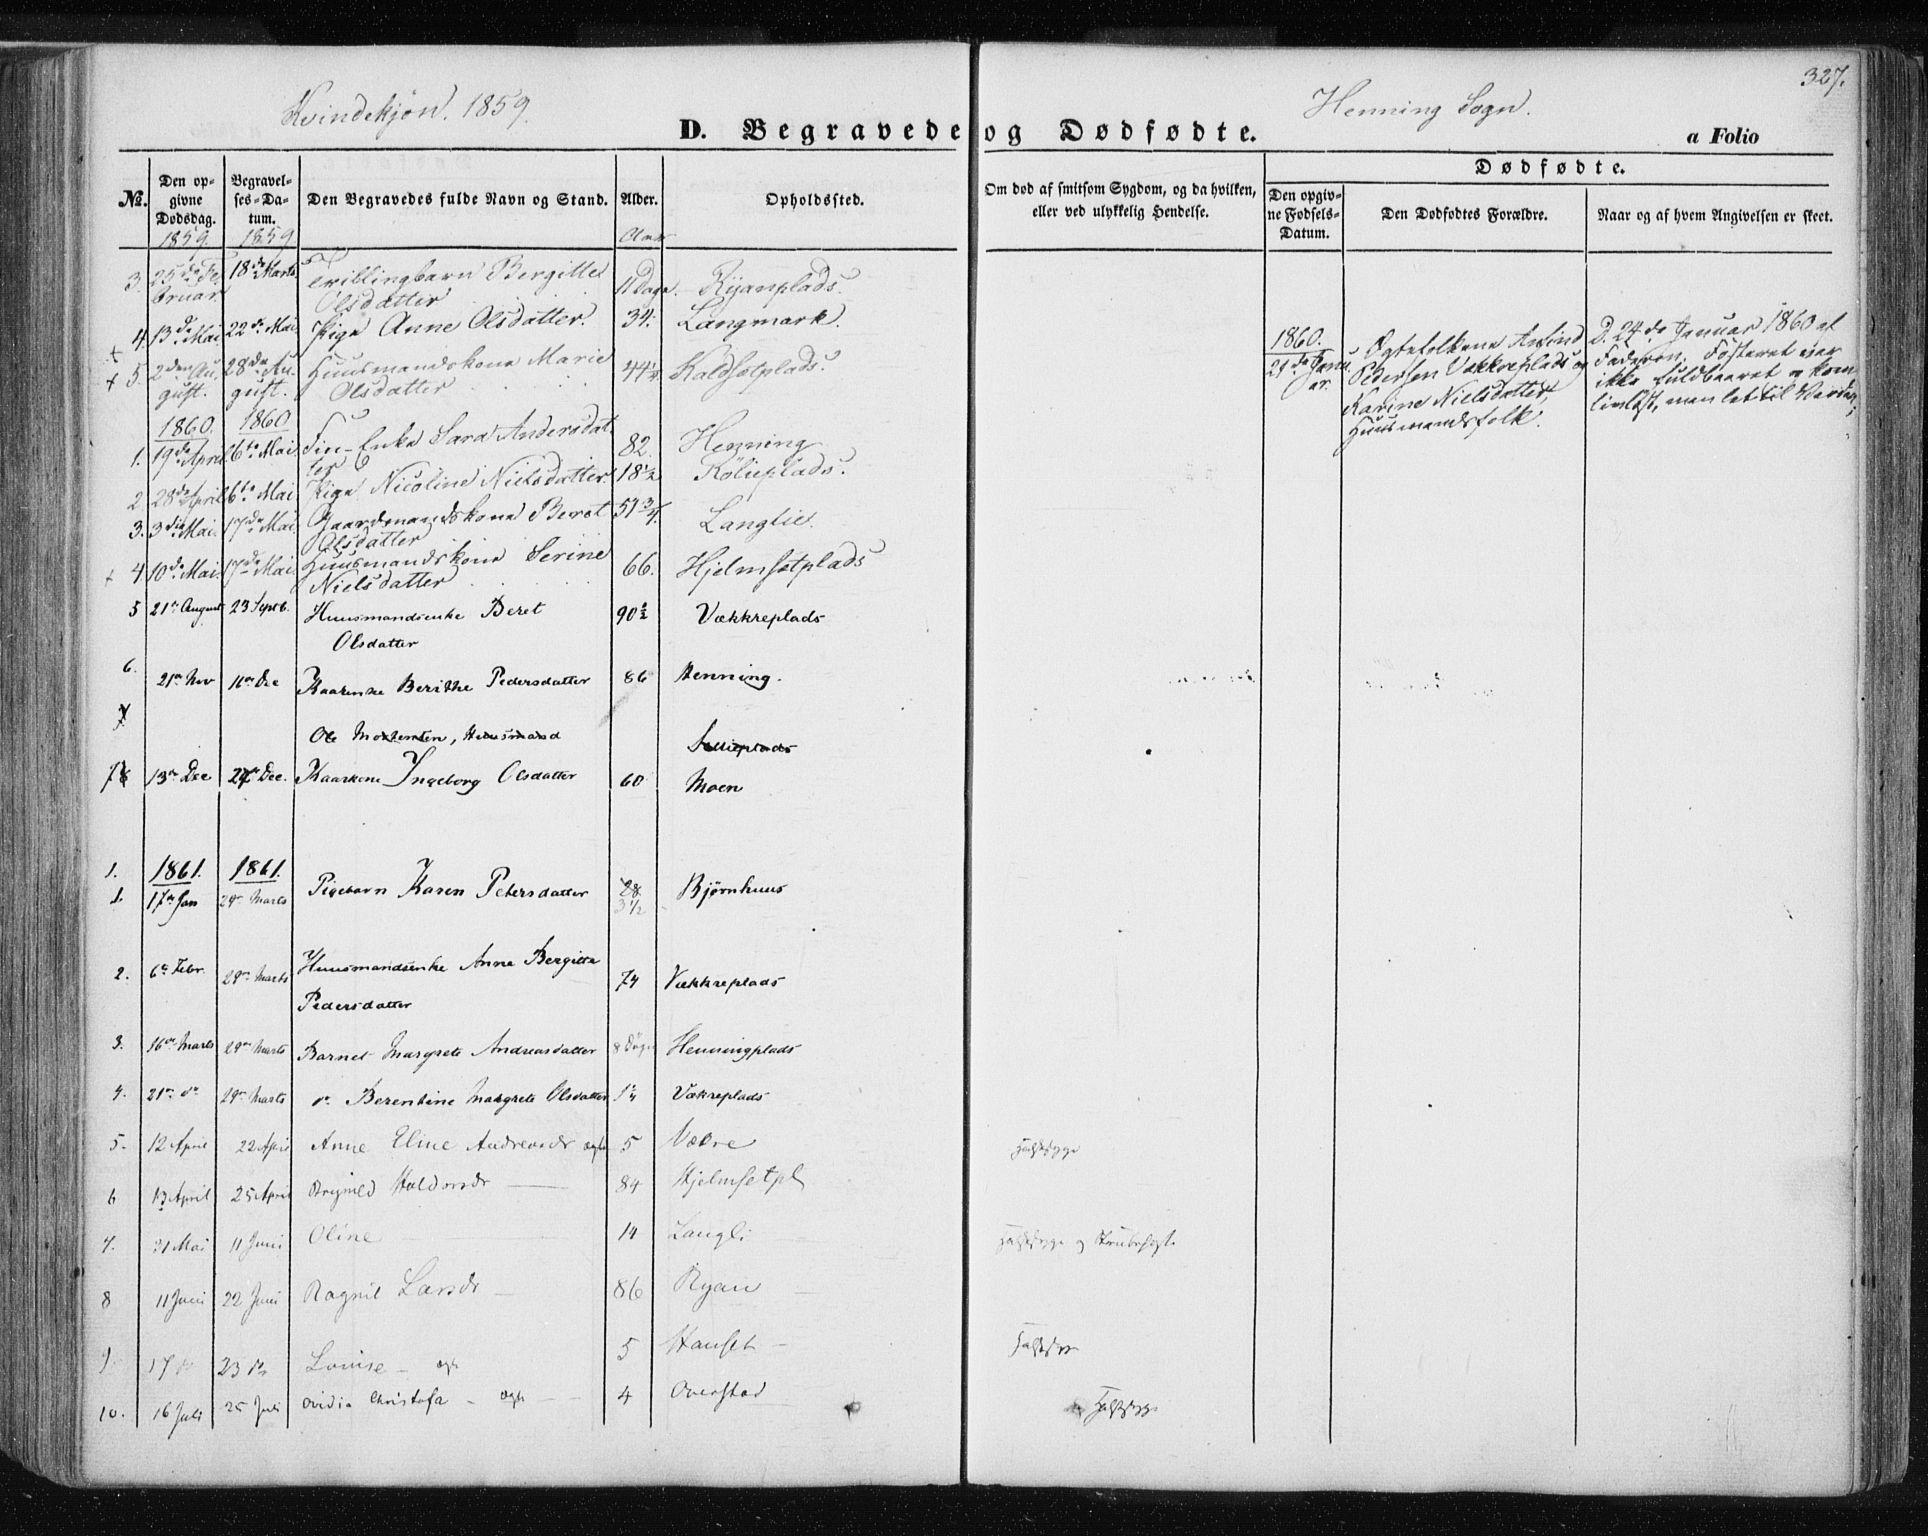 SAT, Ministerialprotokoller, klokkerbøker og fødselsregistre - Nord-Trøndelag, 735/L0342: Ministerialbok nr. 735A07 /3, 1849-1862, s. 327